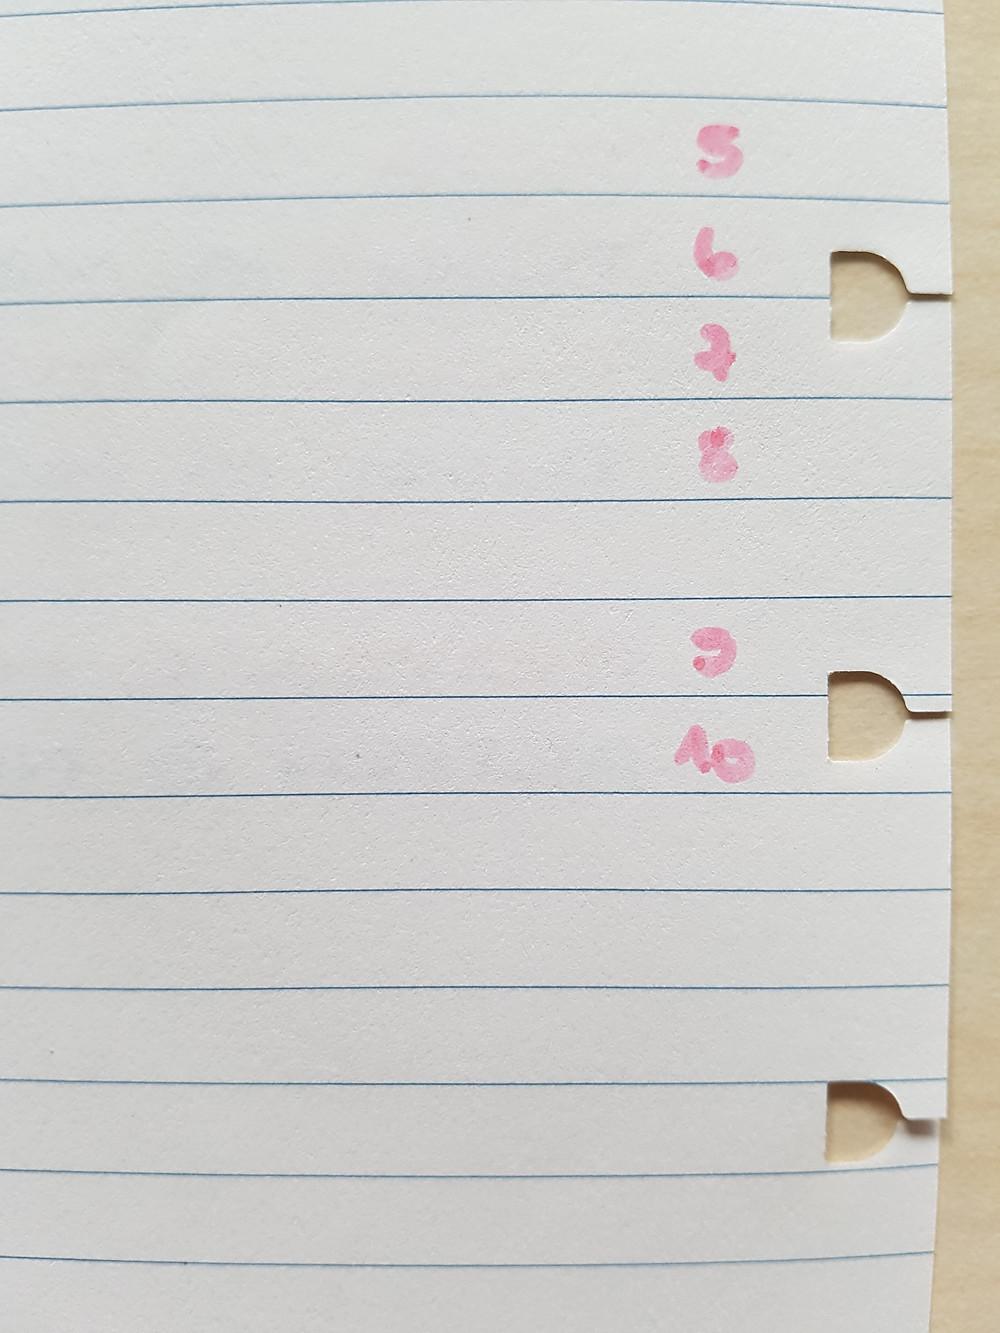 StickersSwissMade - blogpost - paper and pen test nbr 3 - filofax notebooks_9